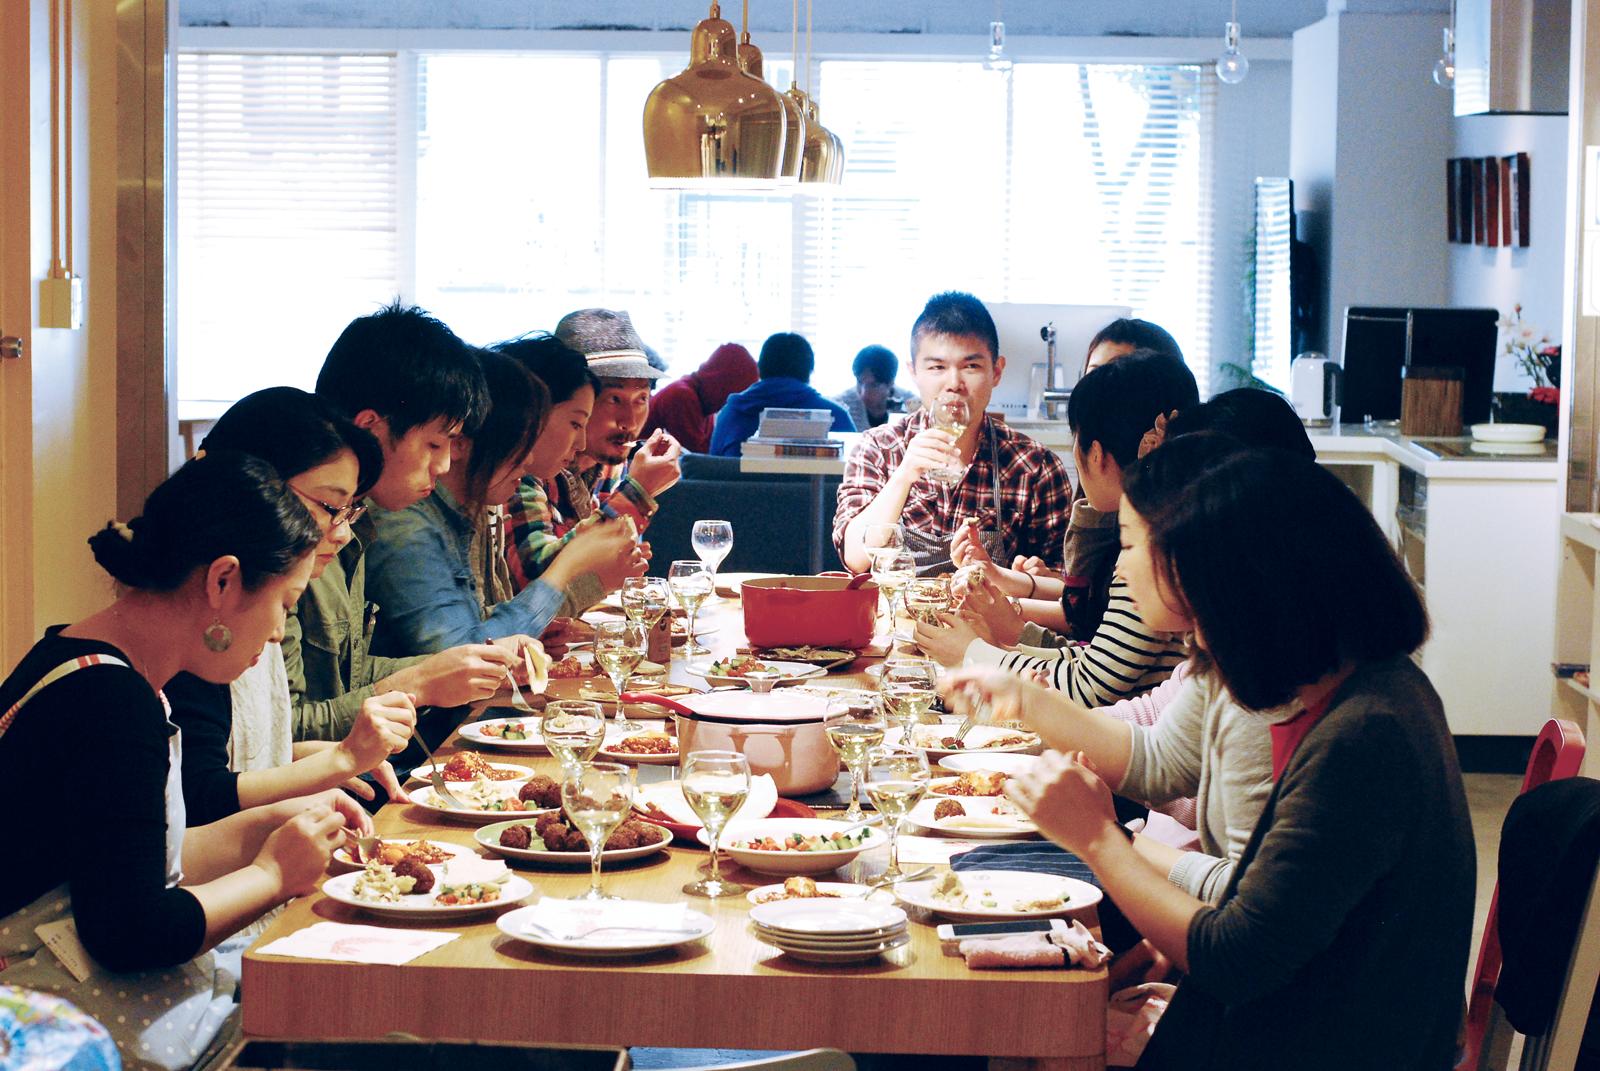 ↑ 参加者は年齢、性別、職業と多種多彩。料理を食べたり作ったりしながら、楽しく交流できるのも魅力だ